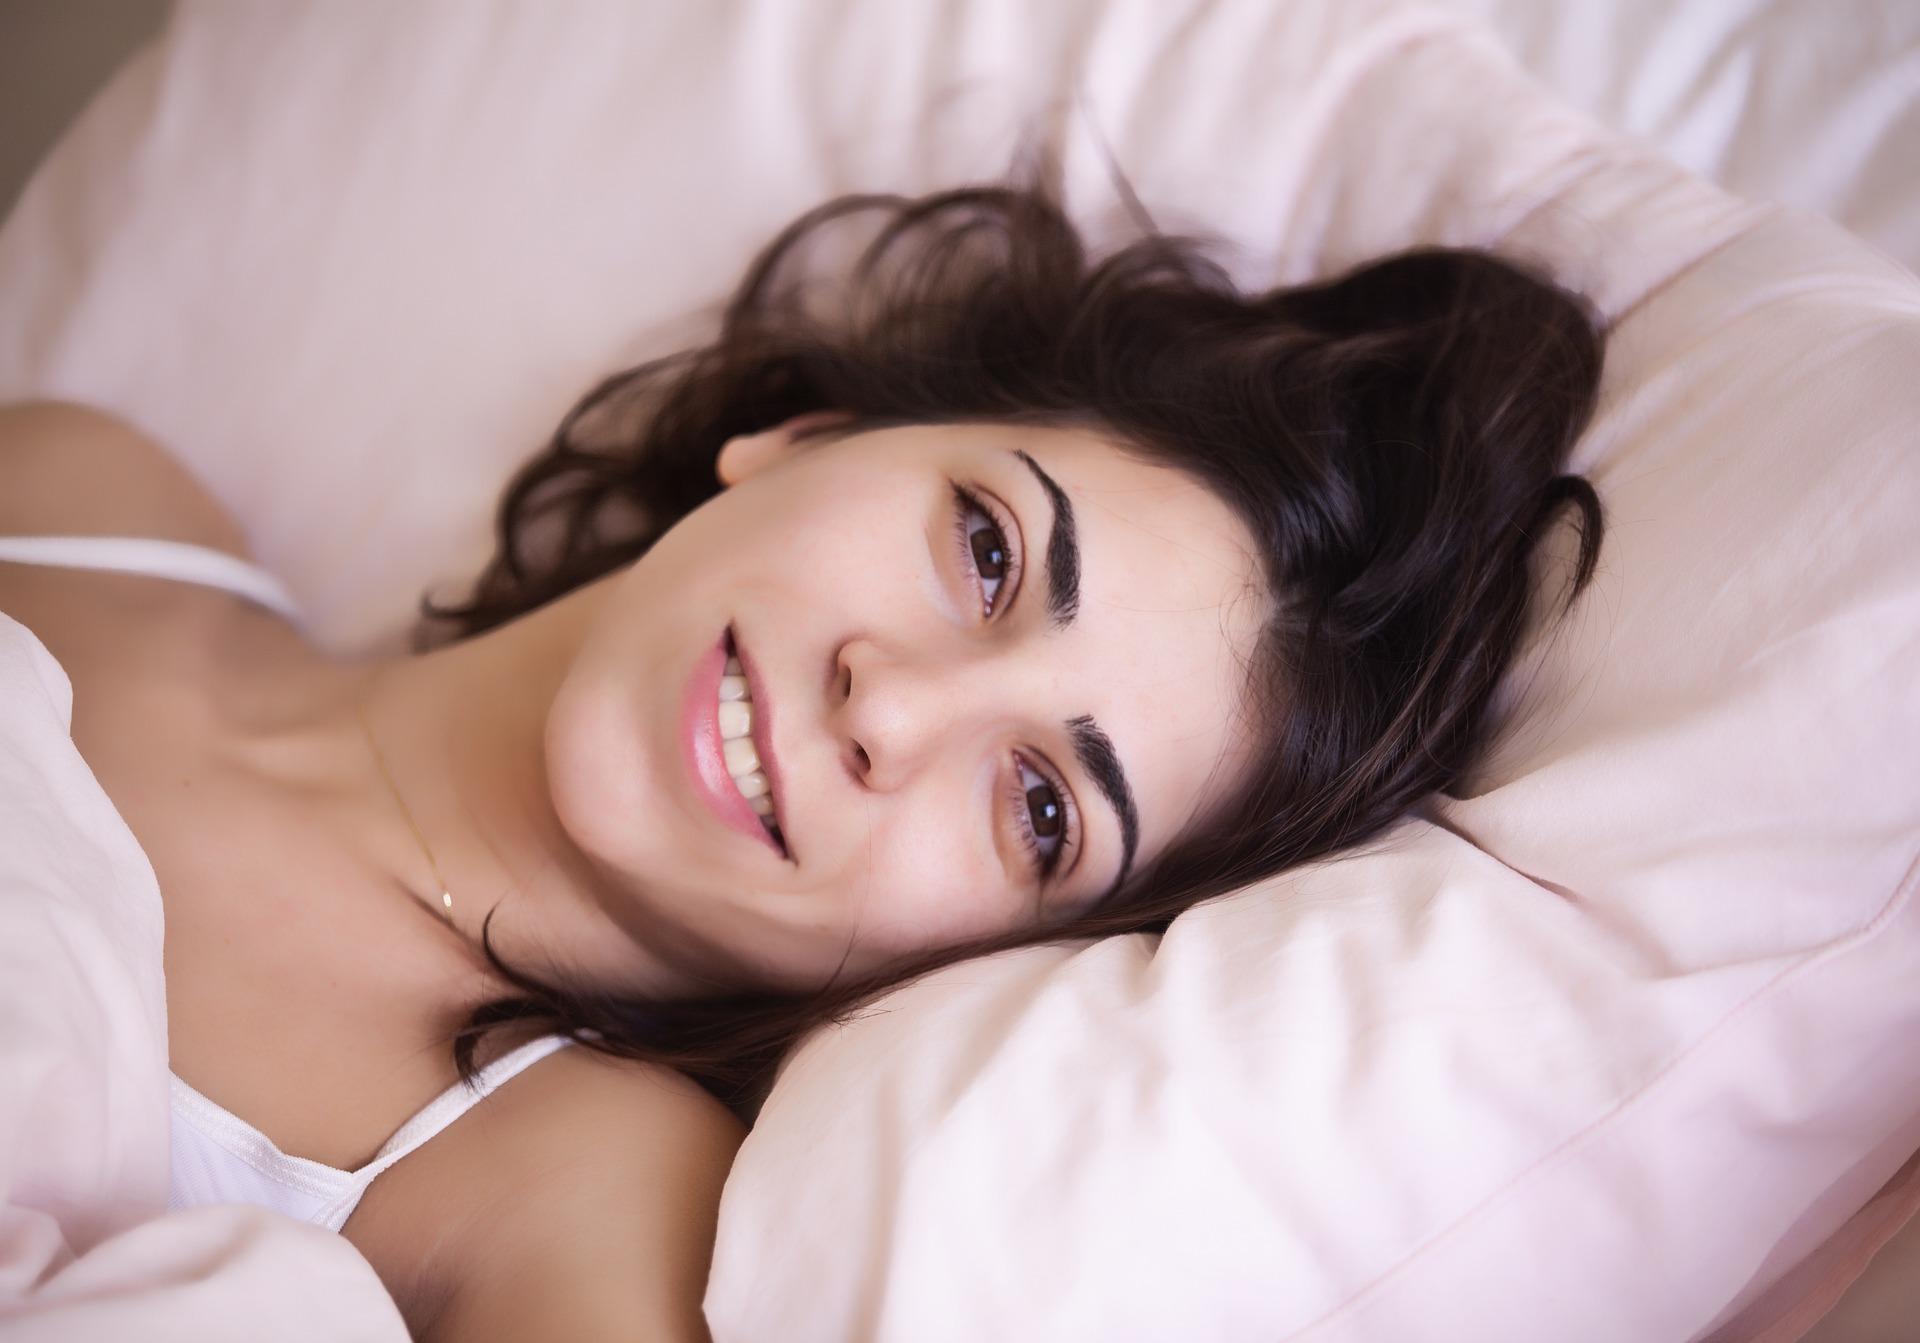 Sommeil : bien choisir votre oreiller pour optimiser votre santé